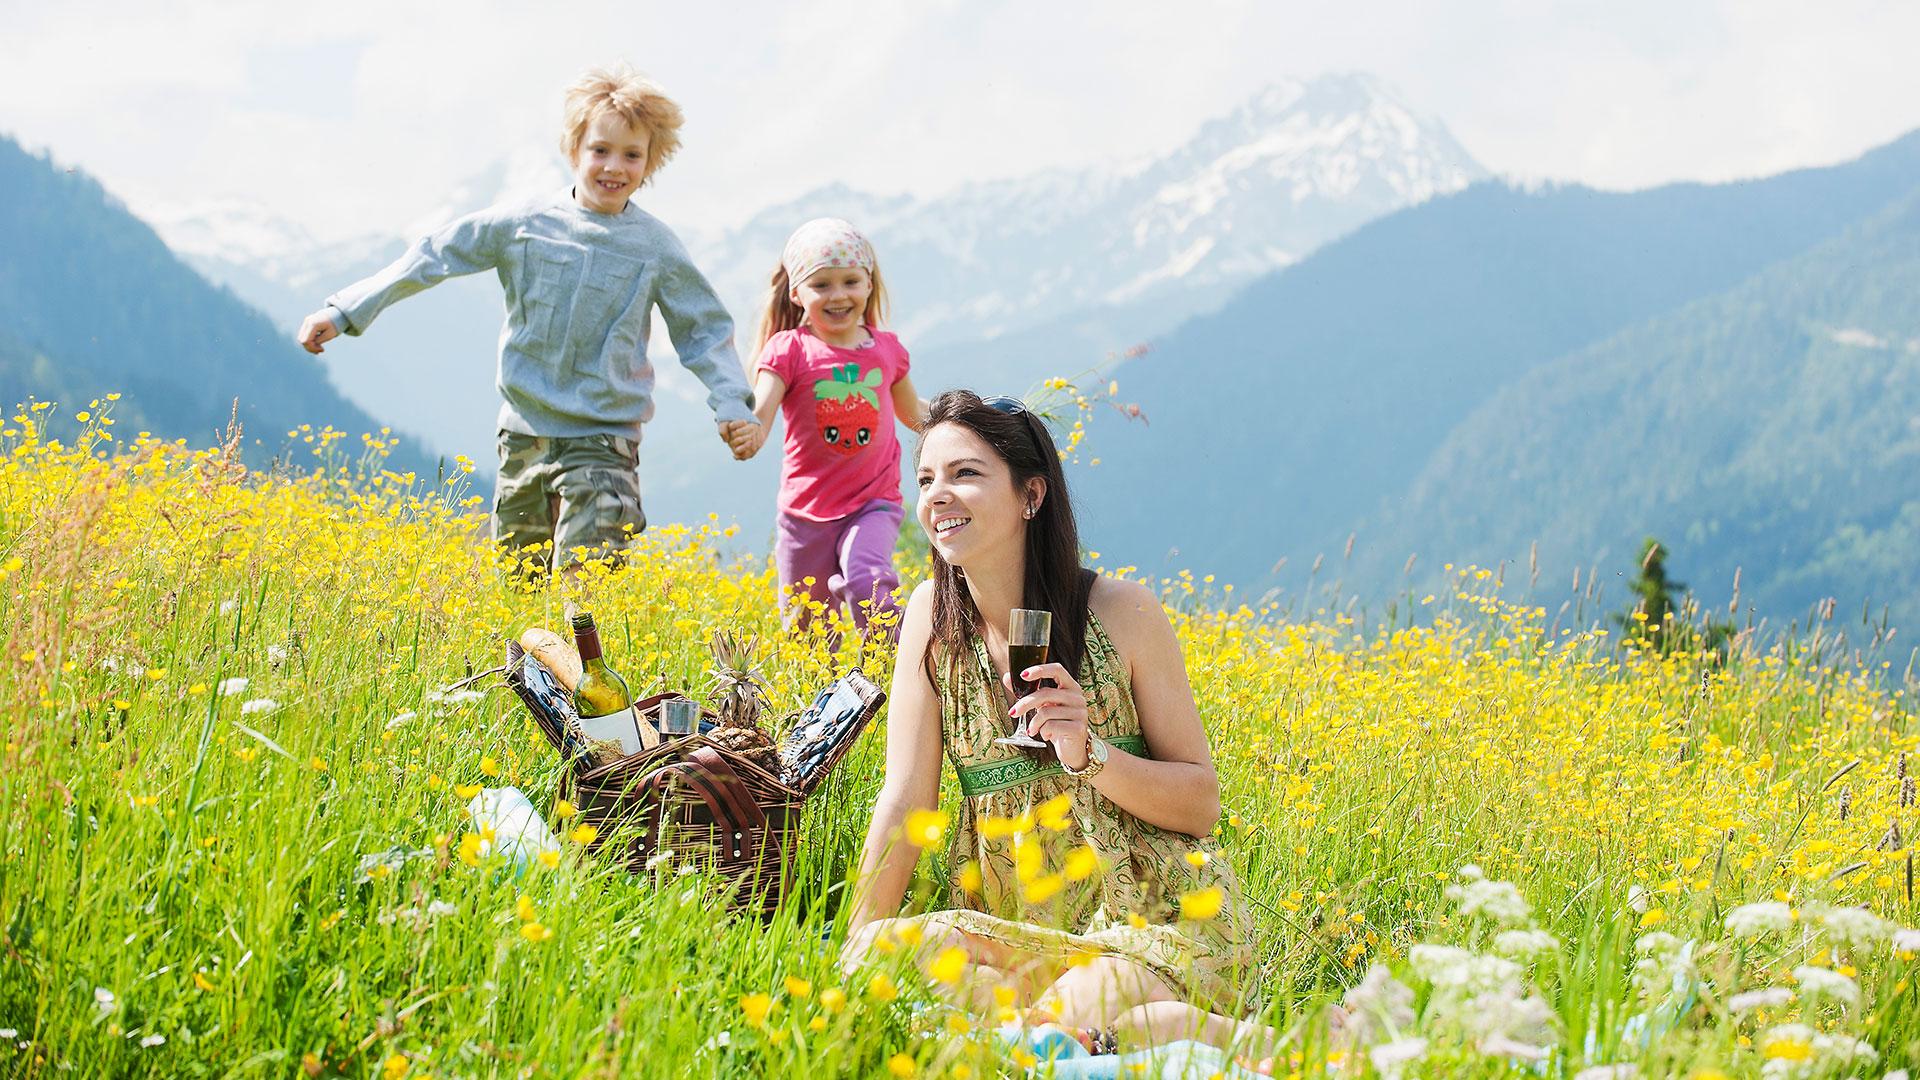 Séjour à la carte pour votre séjour à la montagne en été - CGH Résidences